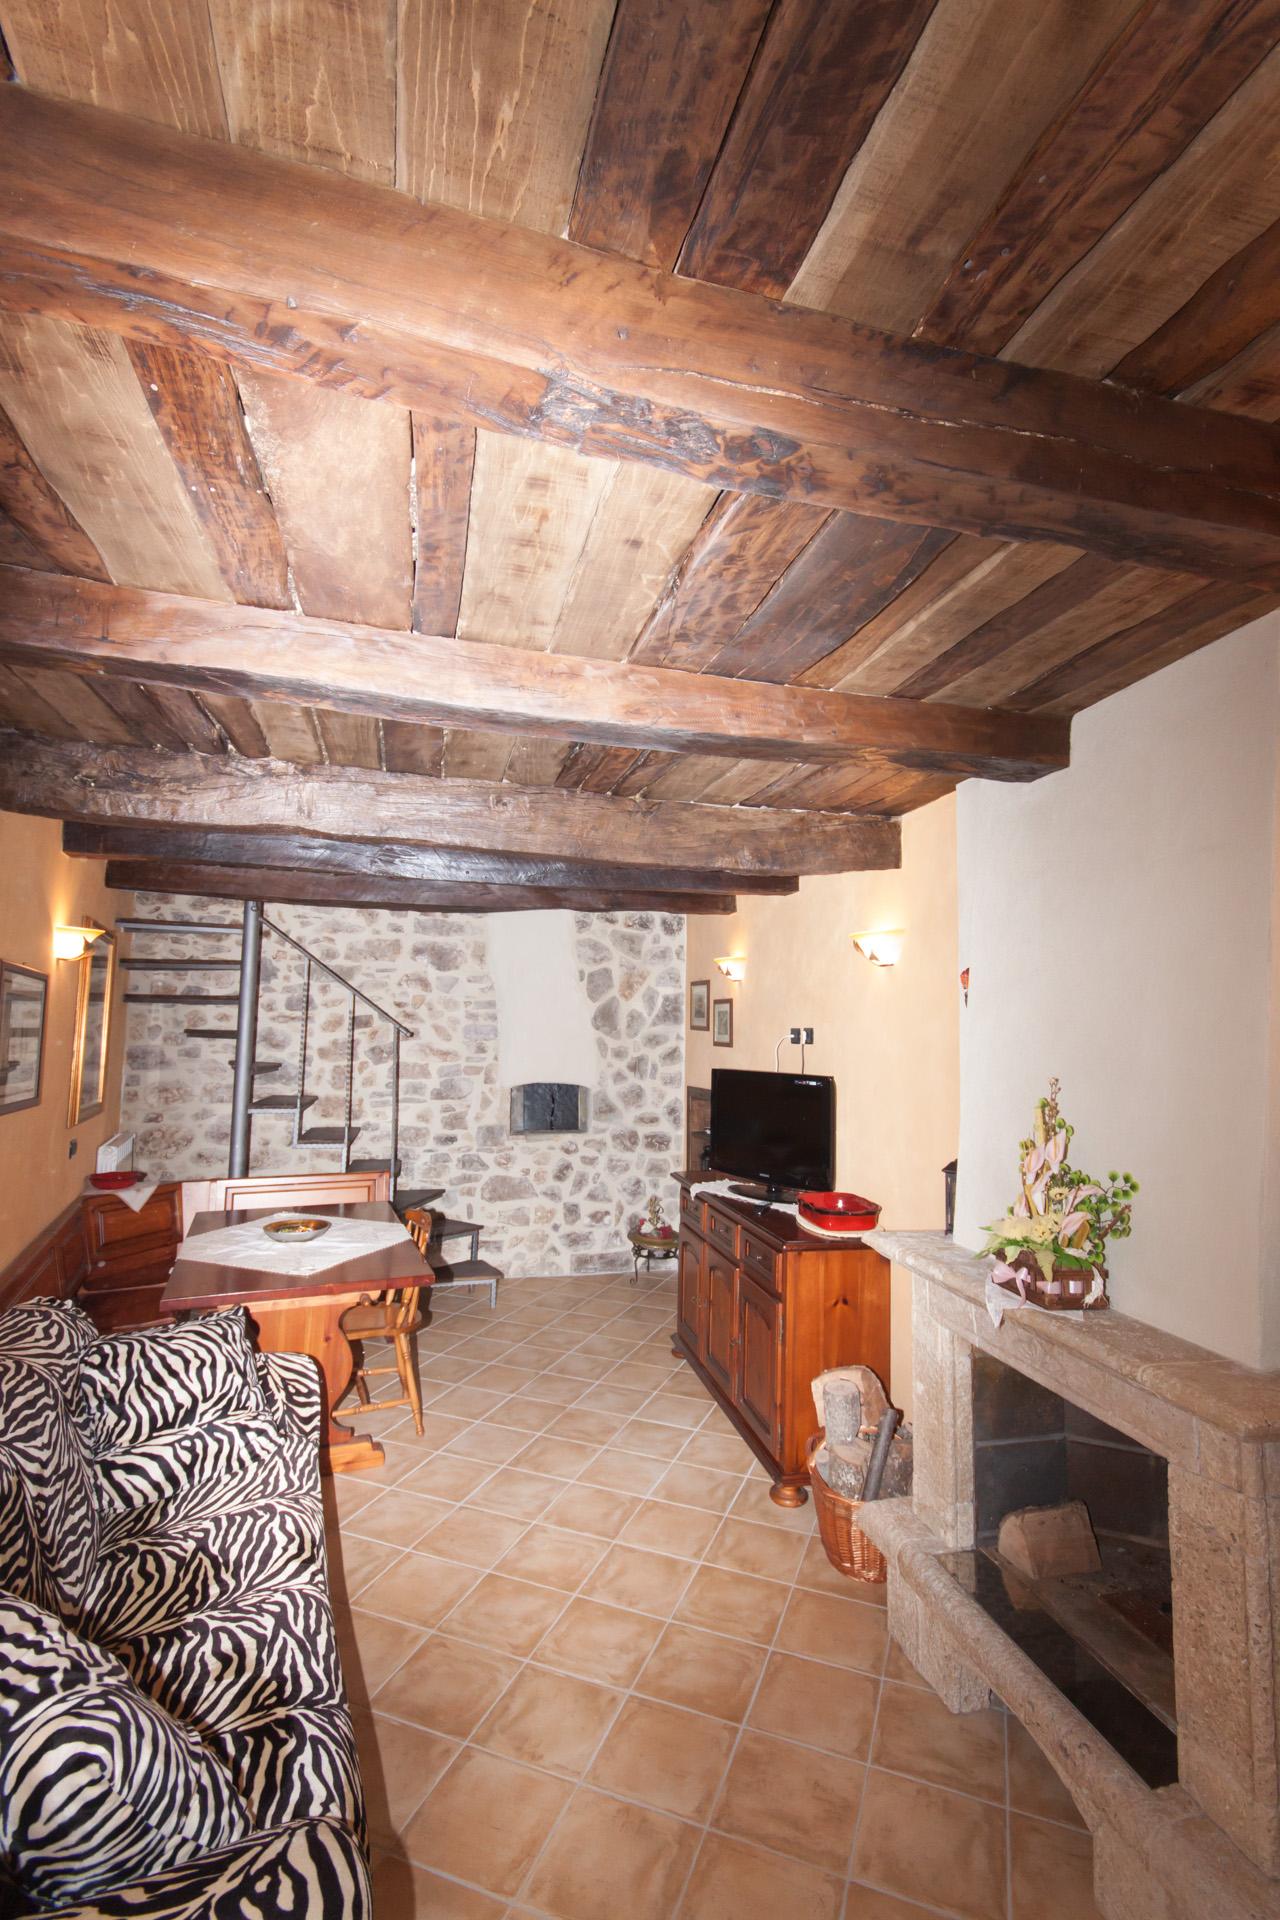 http://www.bebilborgo.com/sito/uploads/2014/07/appartamento-scapoli-zio-tullio-IMG_9854.jpg